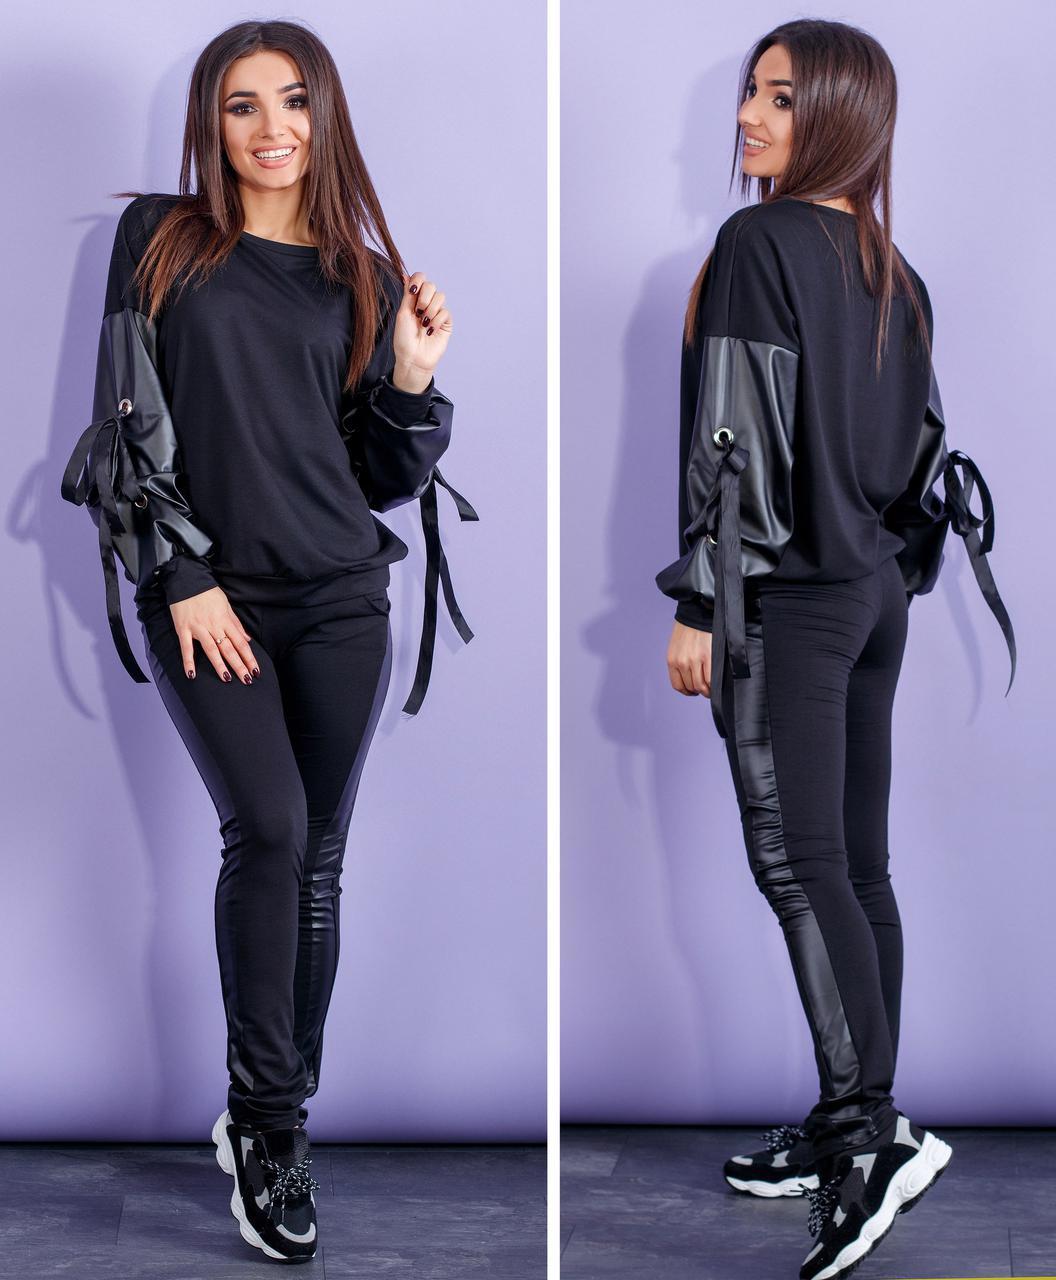 Черный спортивный костюм с объемными кожаными рукавами и лампасами